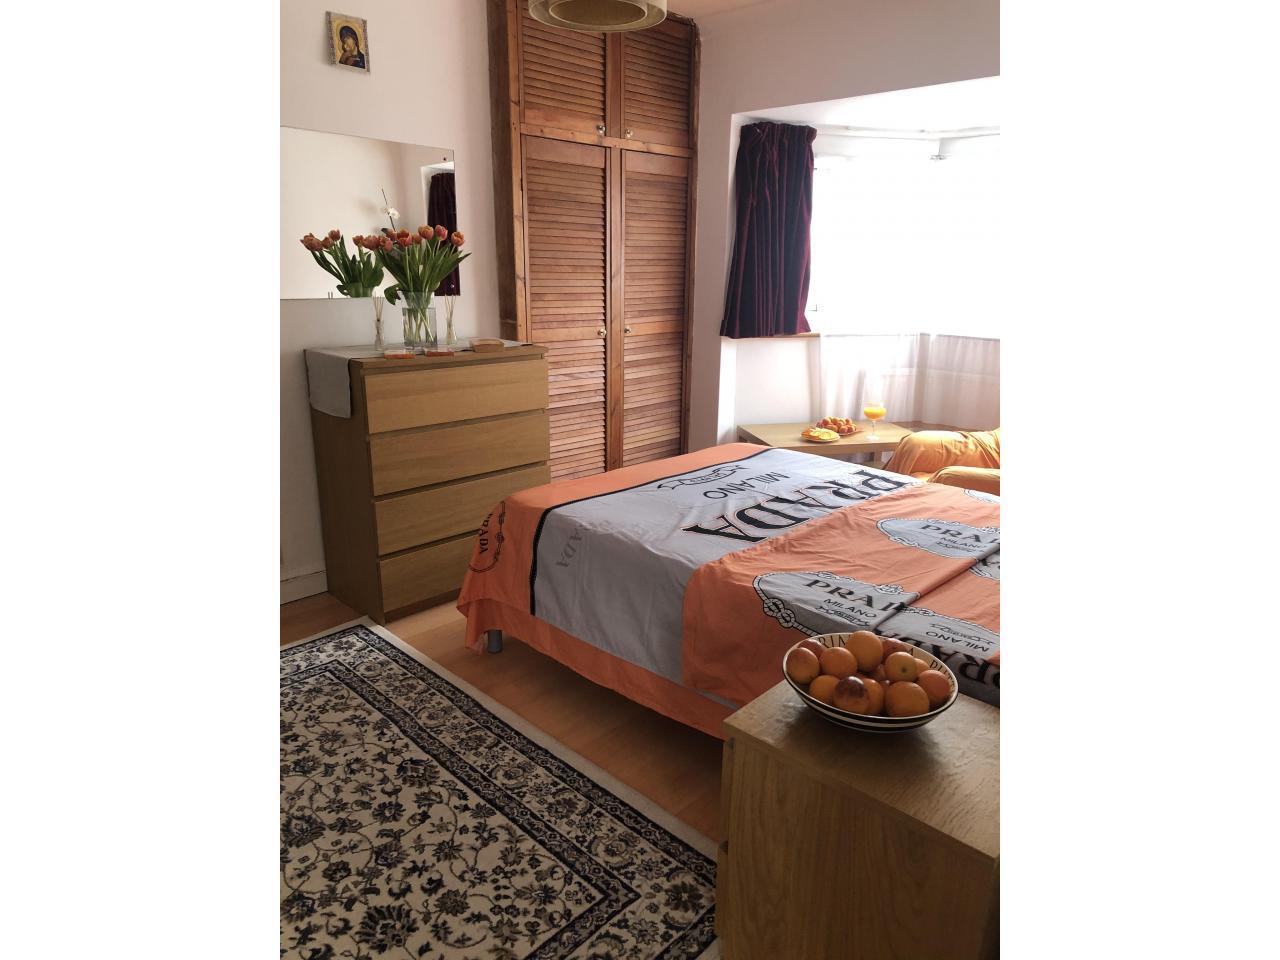 Сдается double комната в районе Tooting для одного - 3